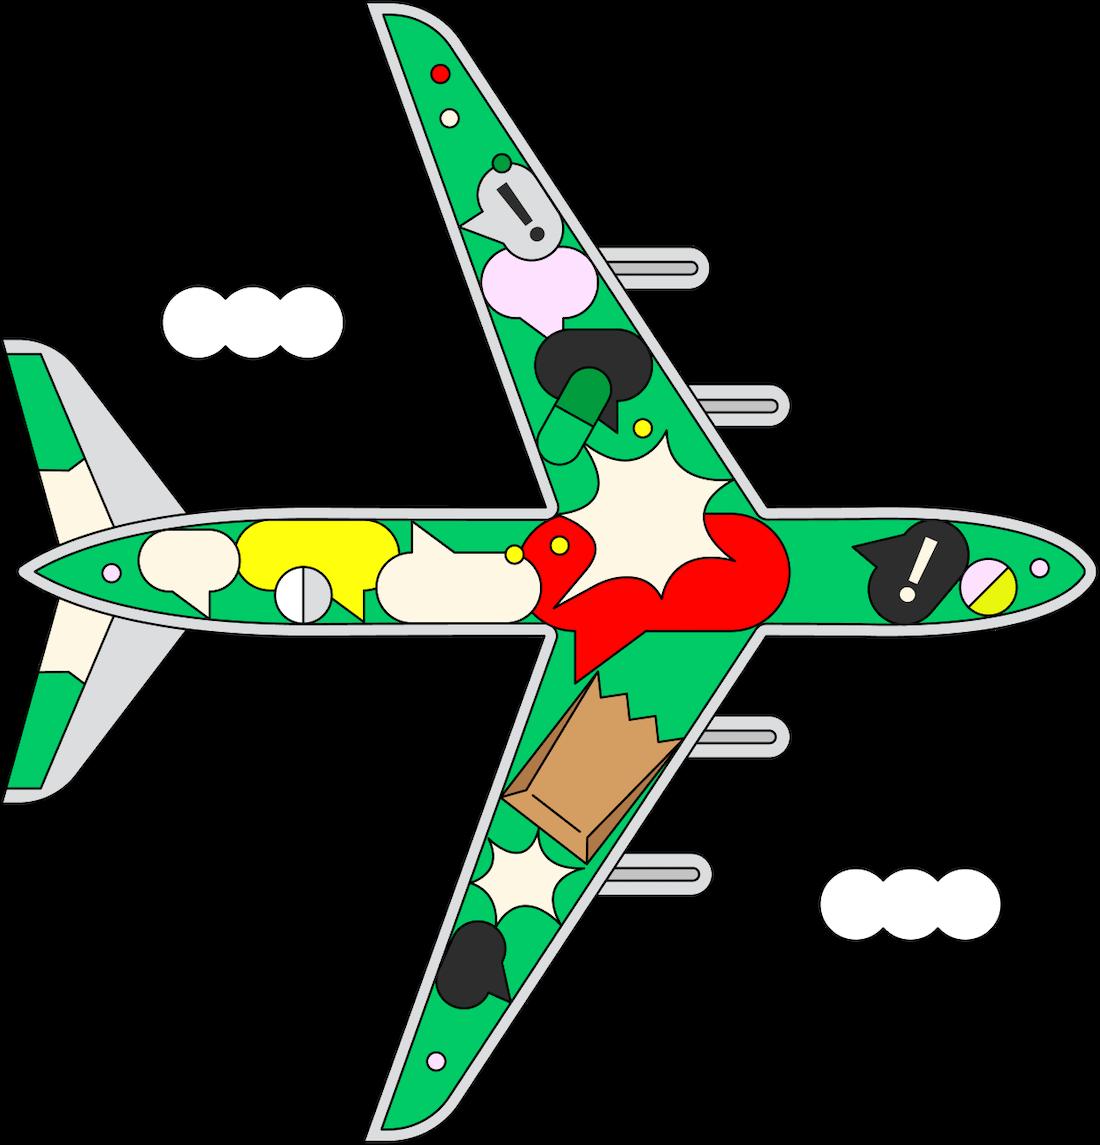 «Люди вокруг плакали и молились»: 11 историй об ужасных авиаперелетах